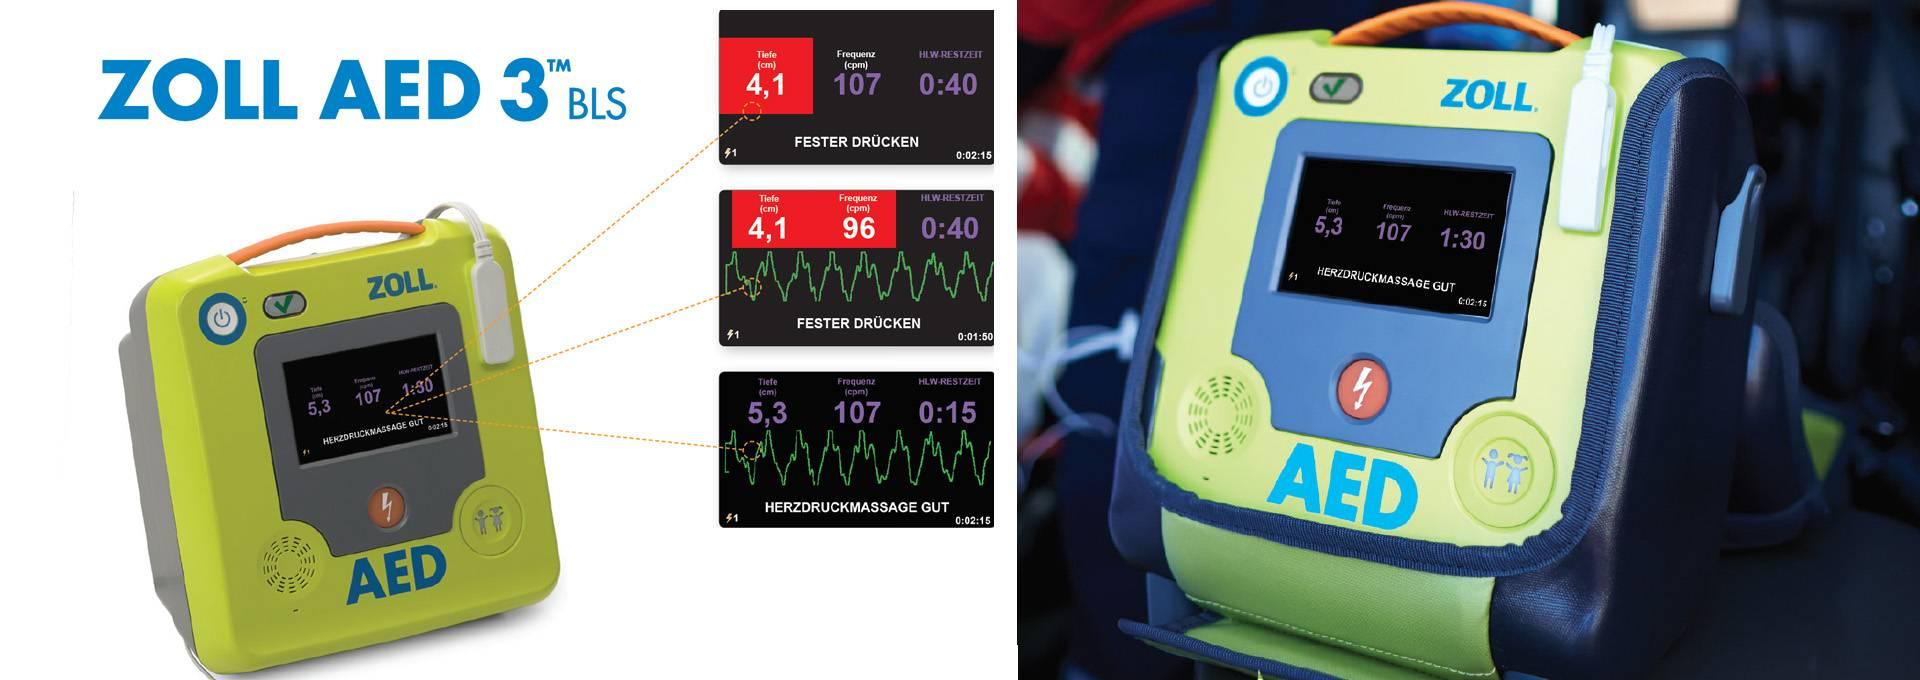 AED 3 BLS - Echtzeit-CPR-Feedback durch Real CPR Help ®